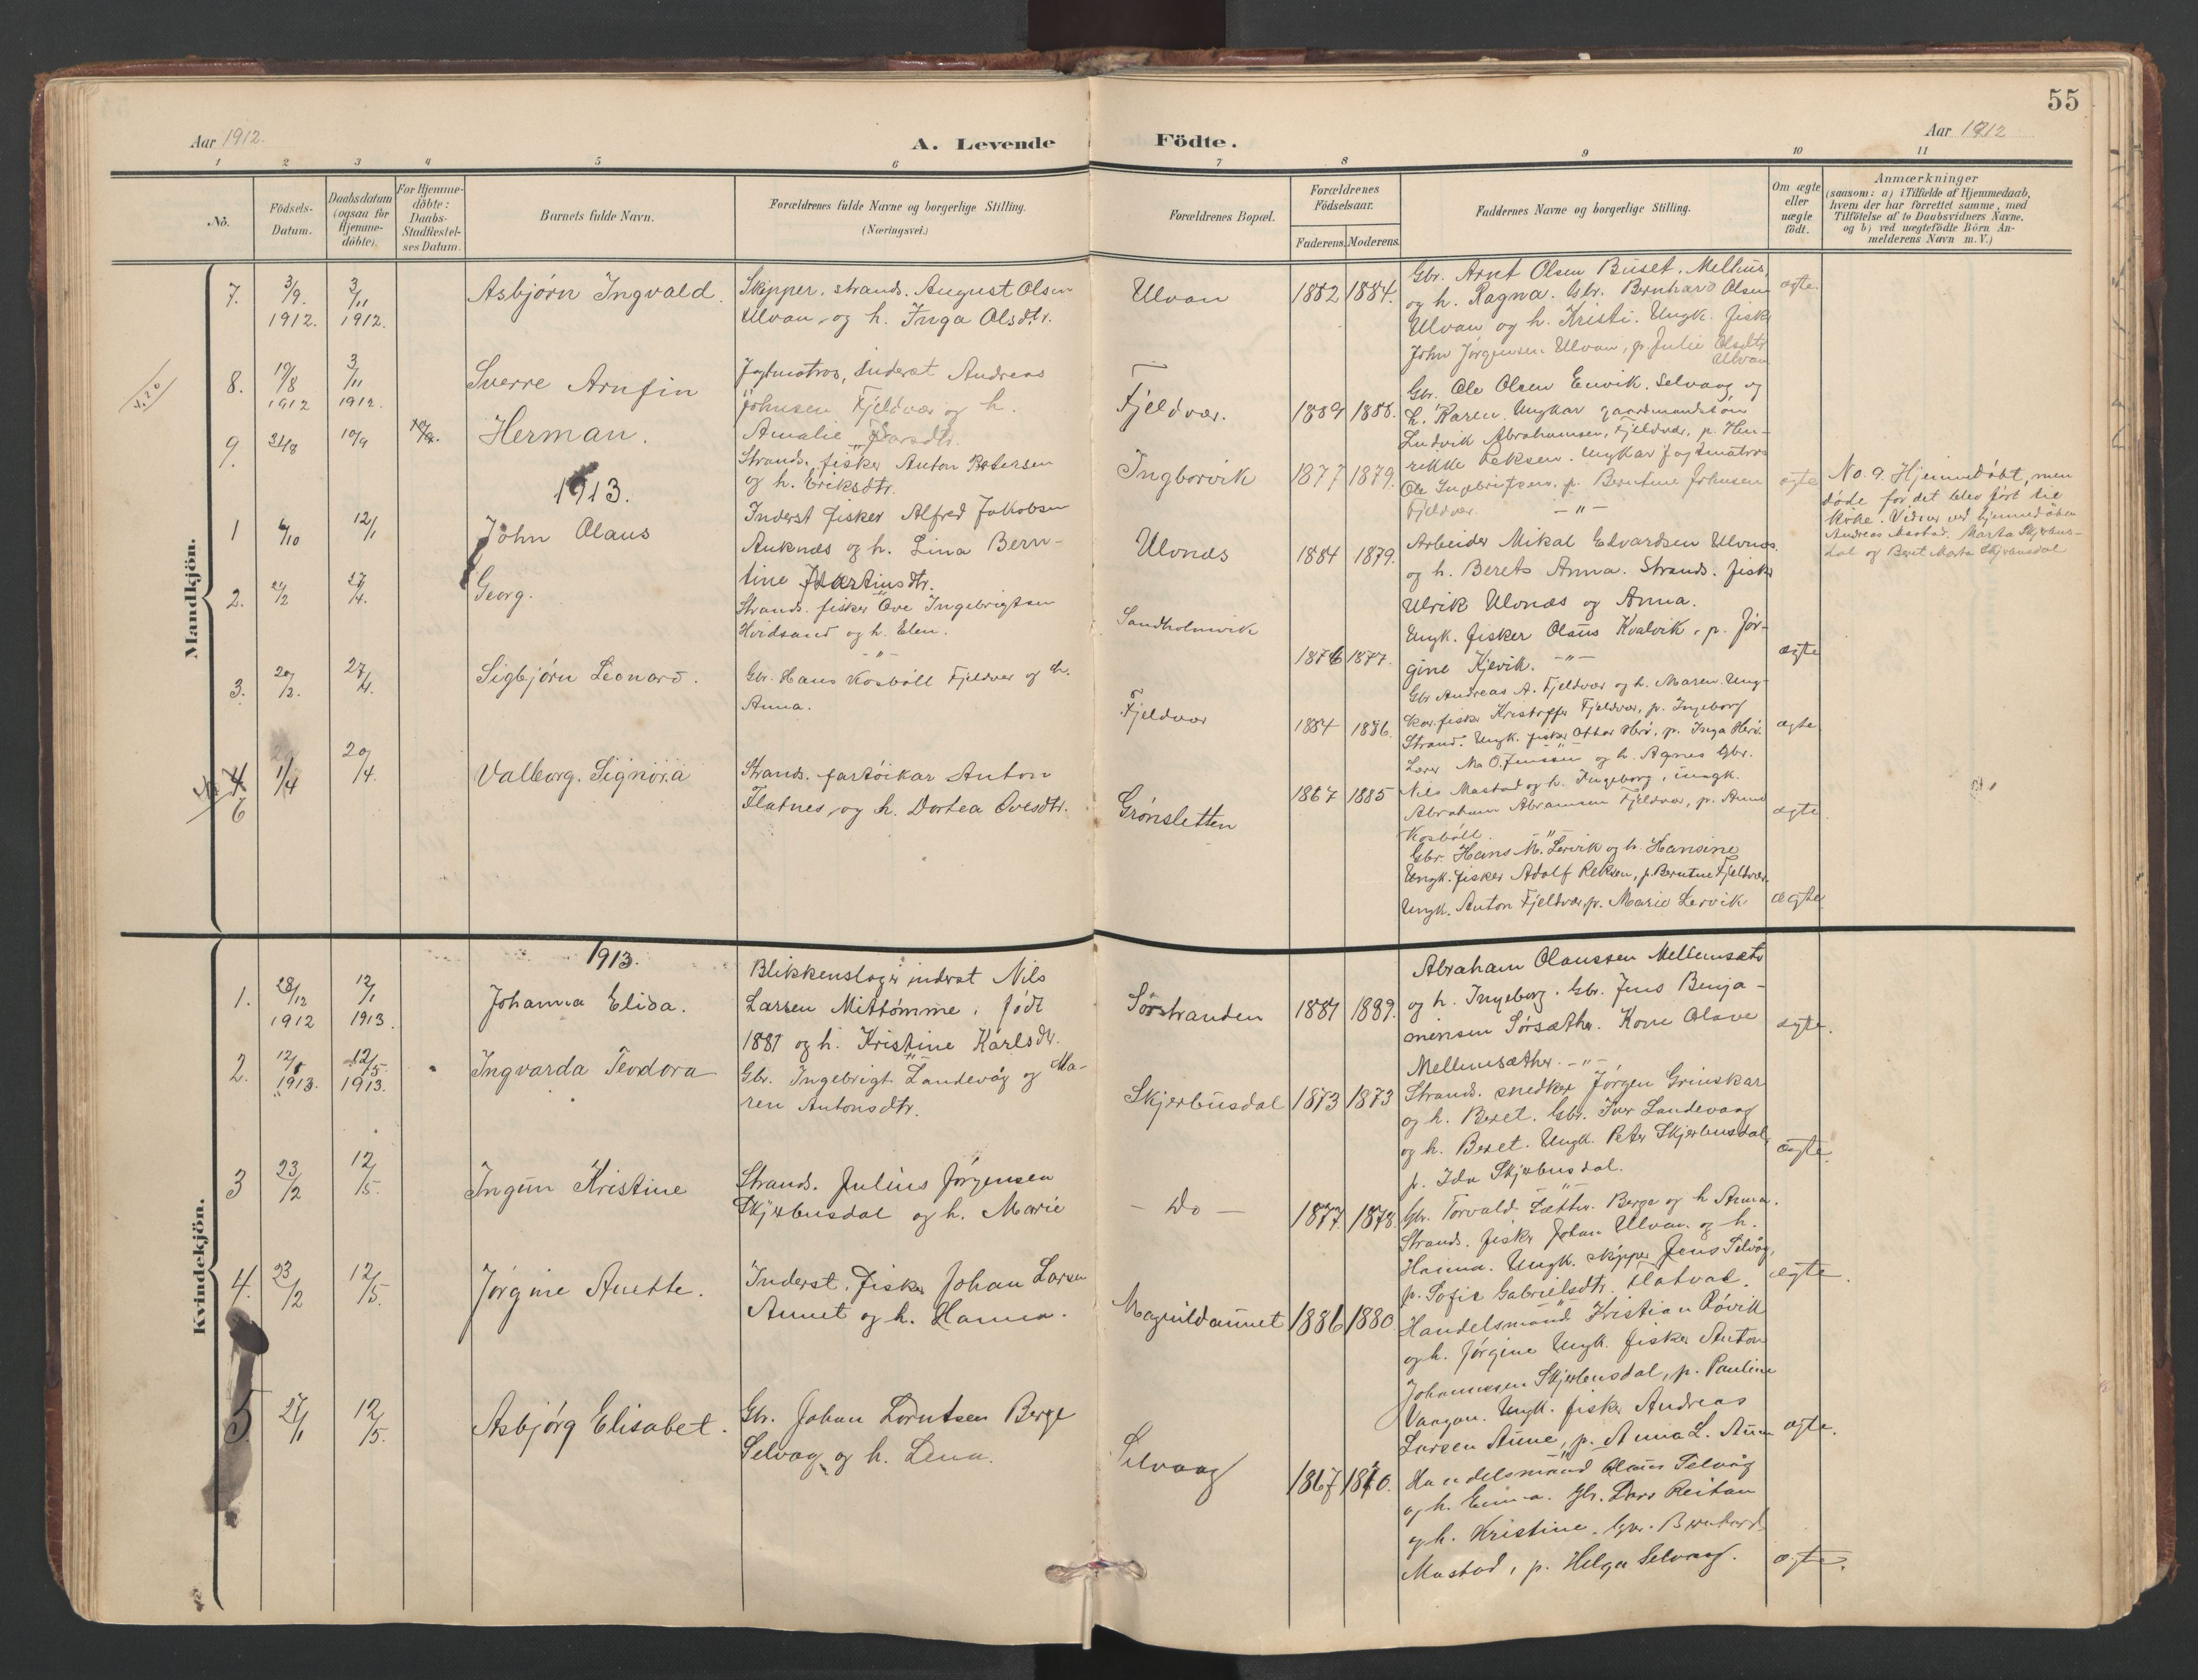 SAT, Ministerialprotokoller, klokkerbøker og fødselsregistre - Sør-Trøndelag, 638/L0571: Klokkerbok nr. 638C03, 1901-1930, s. 55